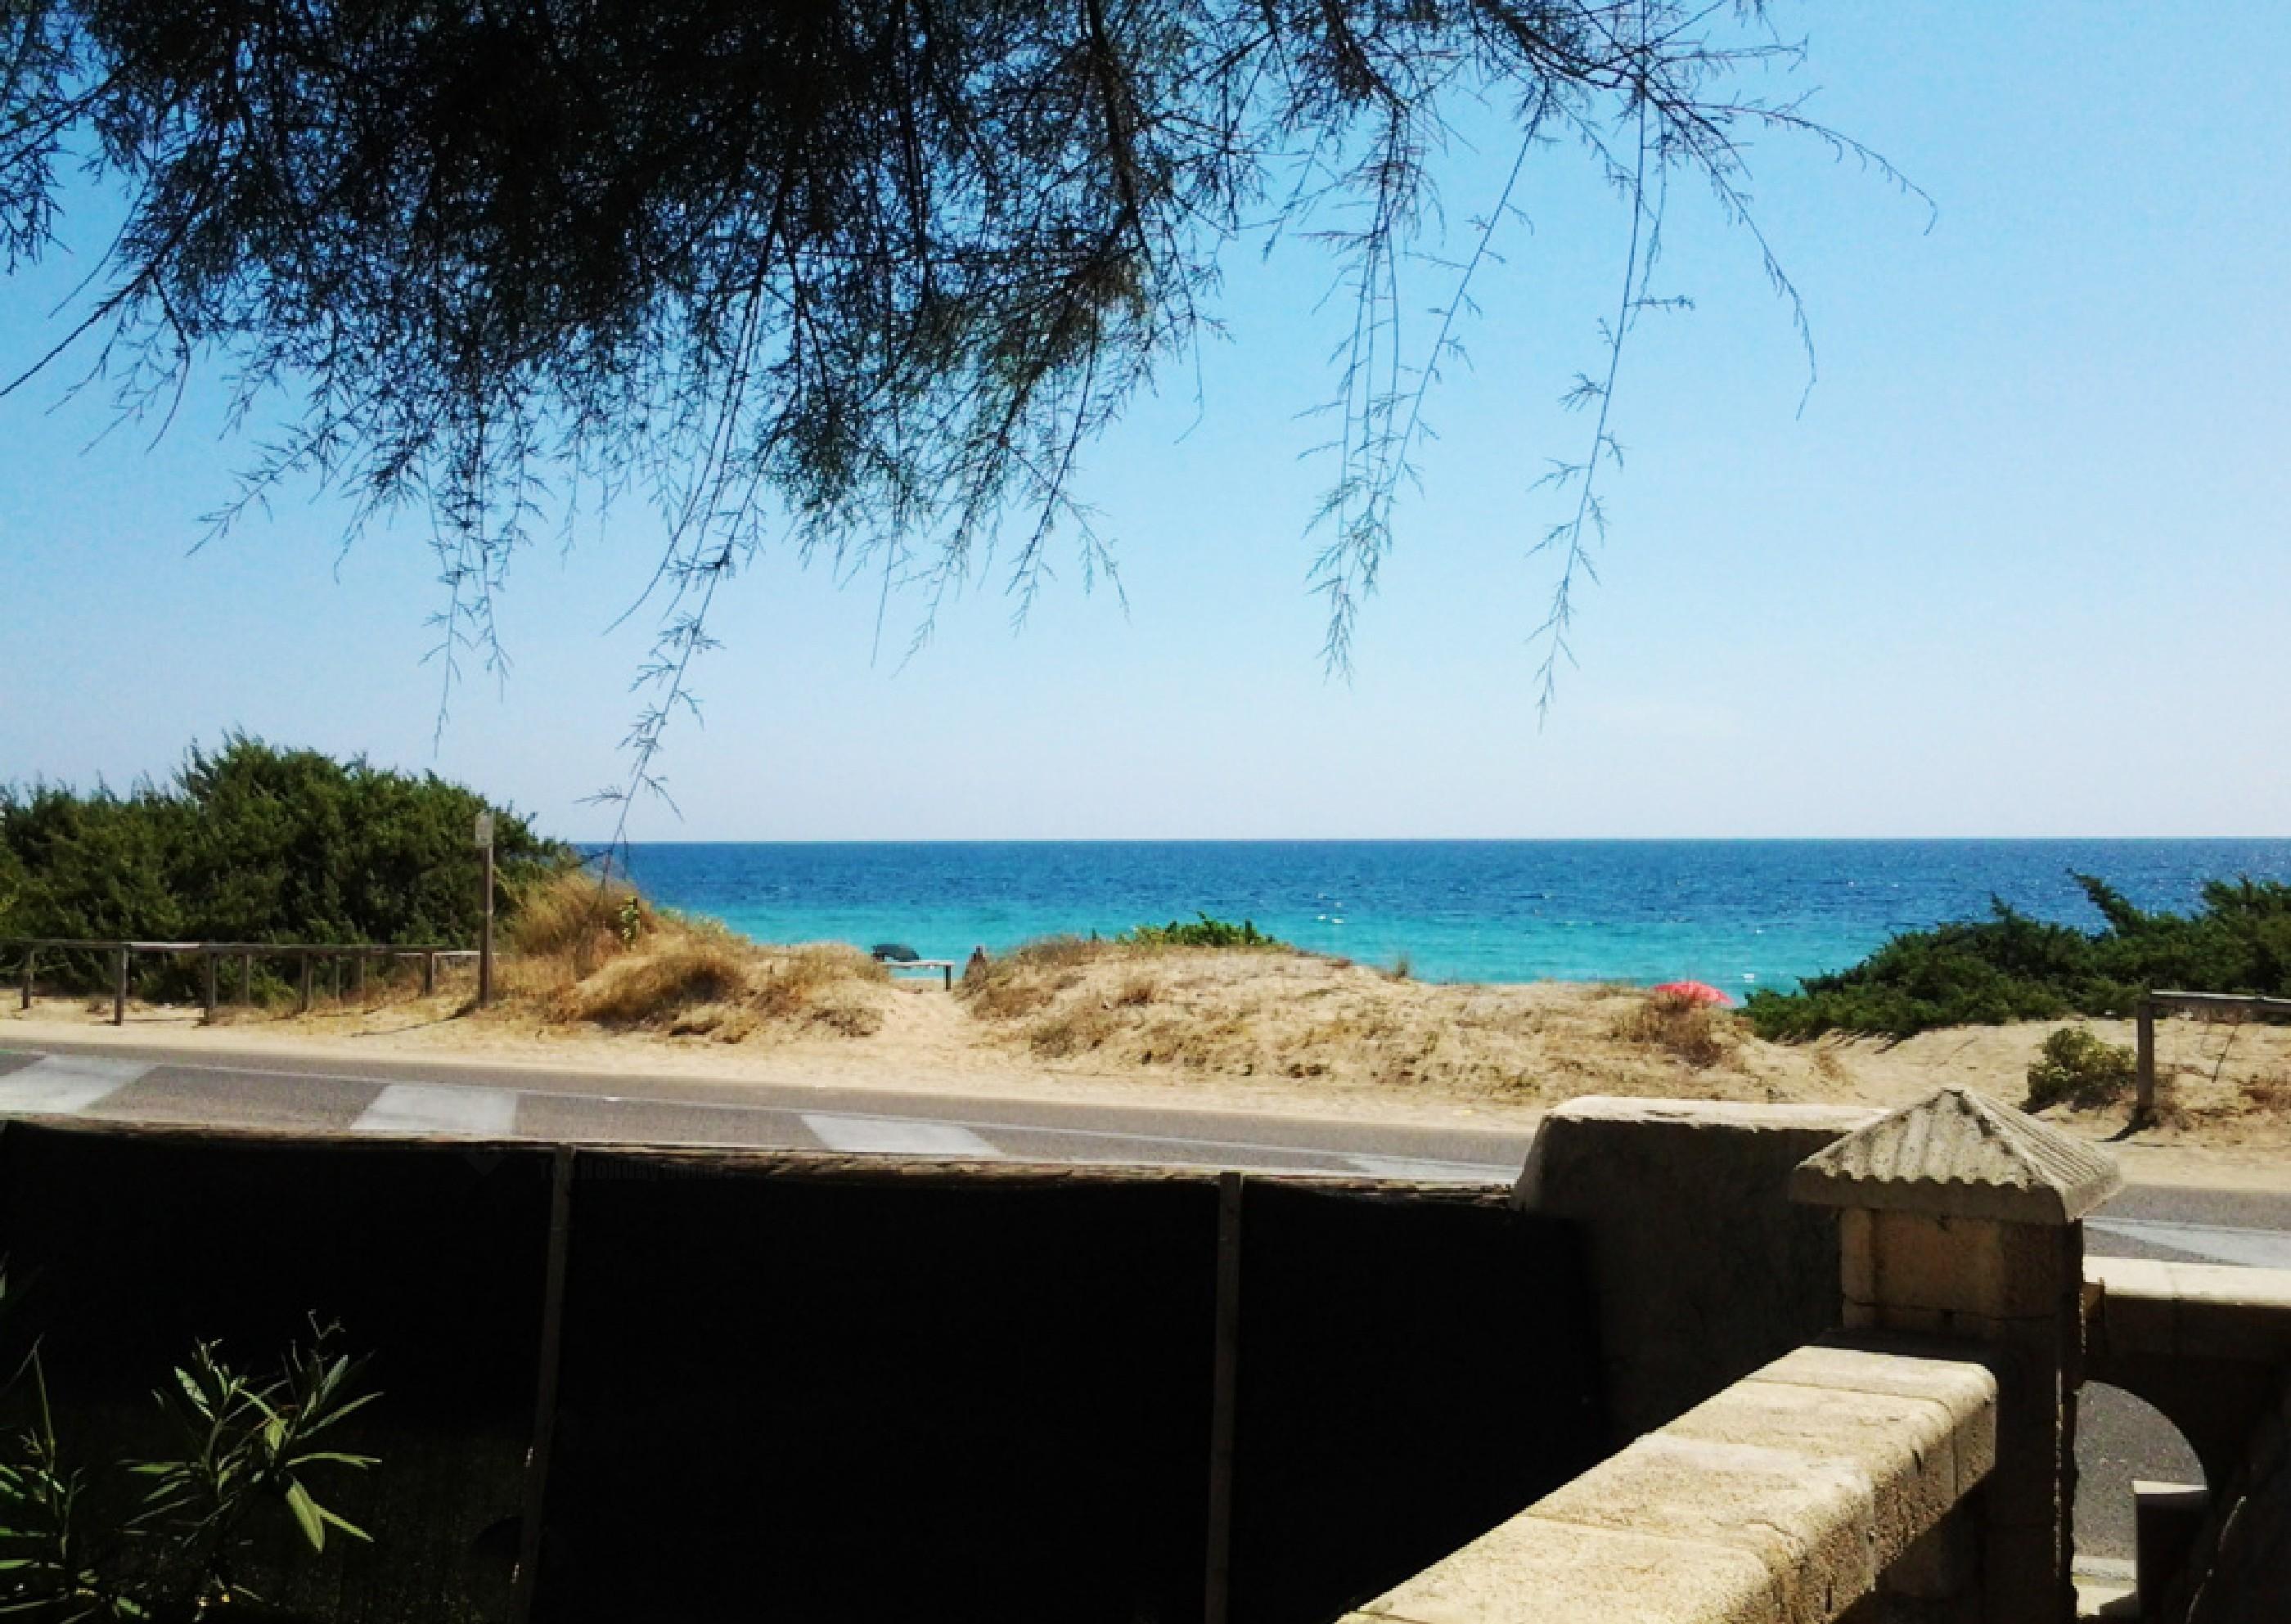 I Monaci front beach Specchiarica photo 22455900